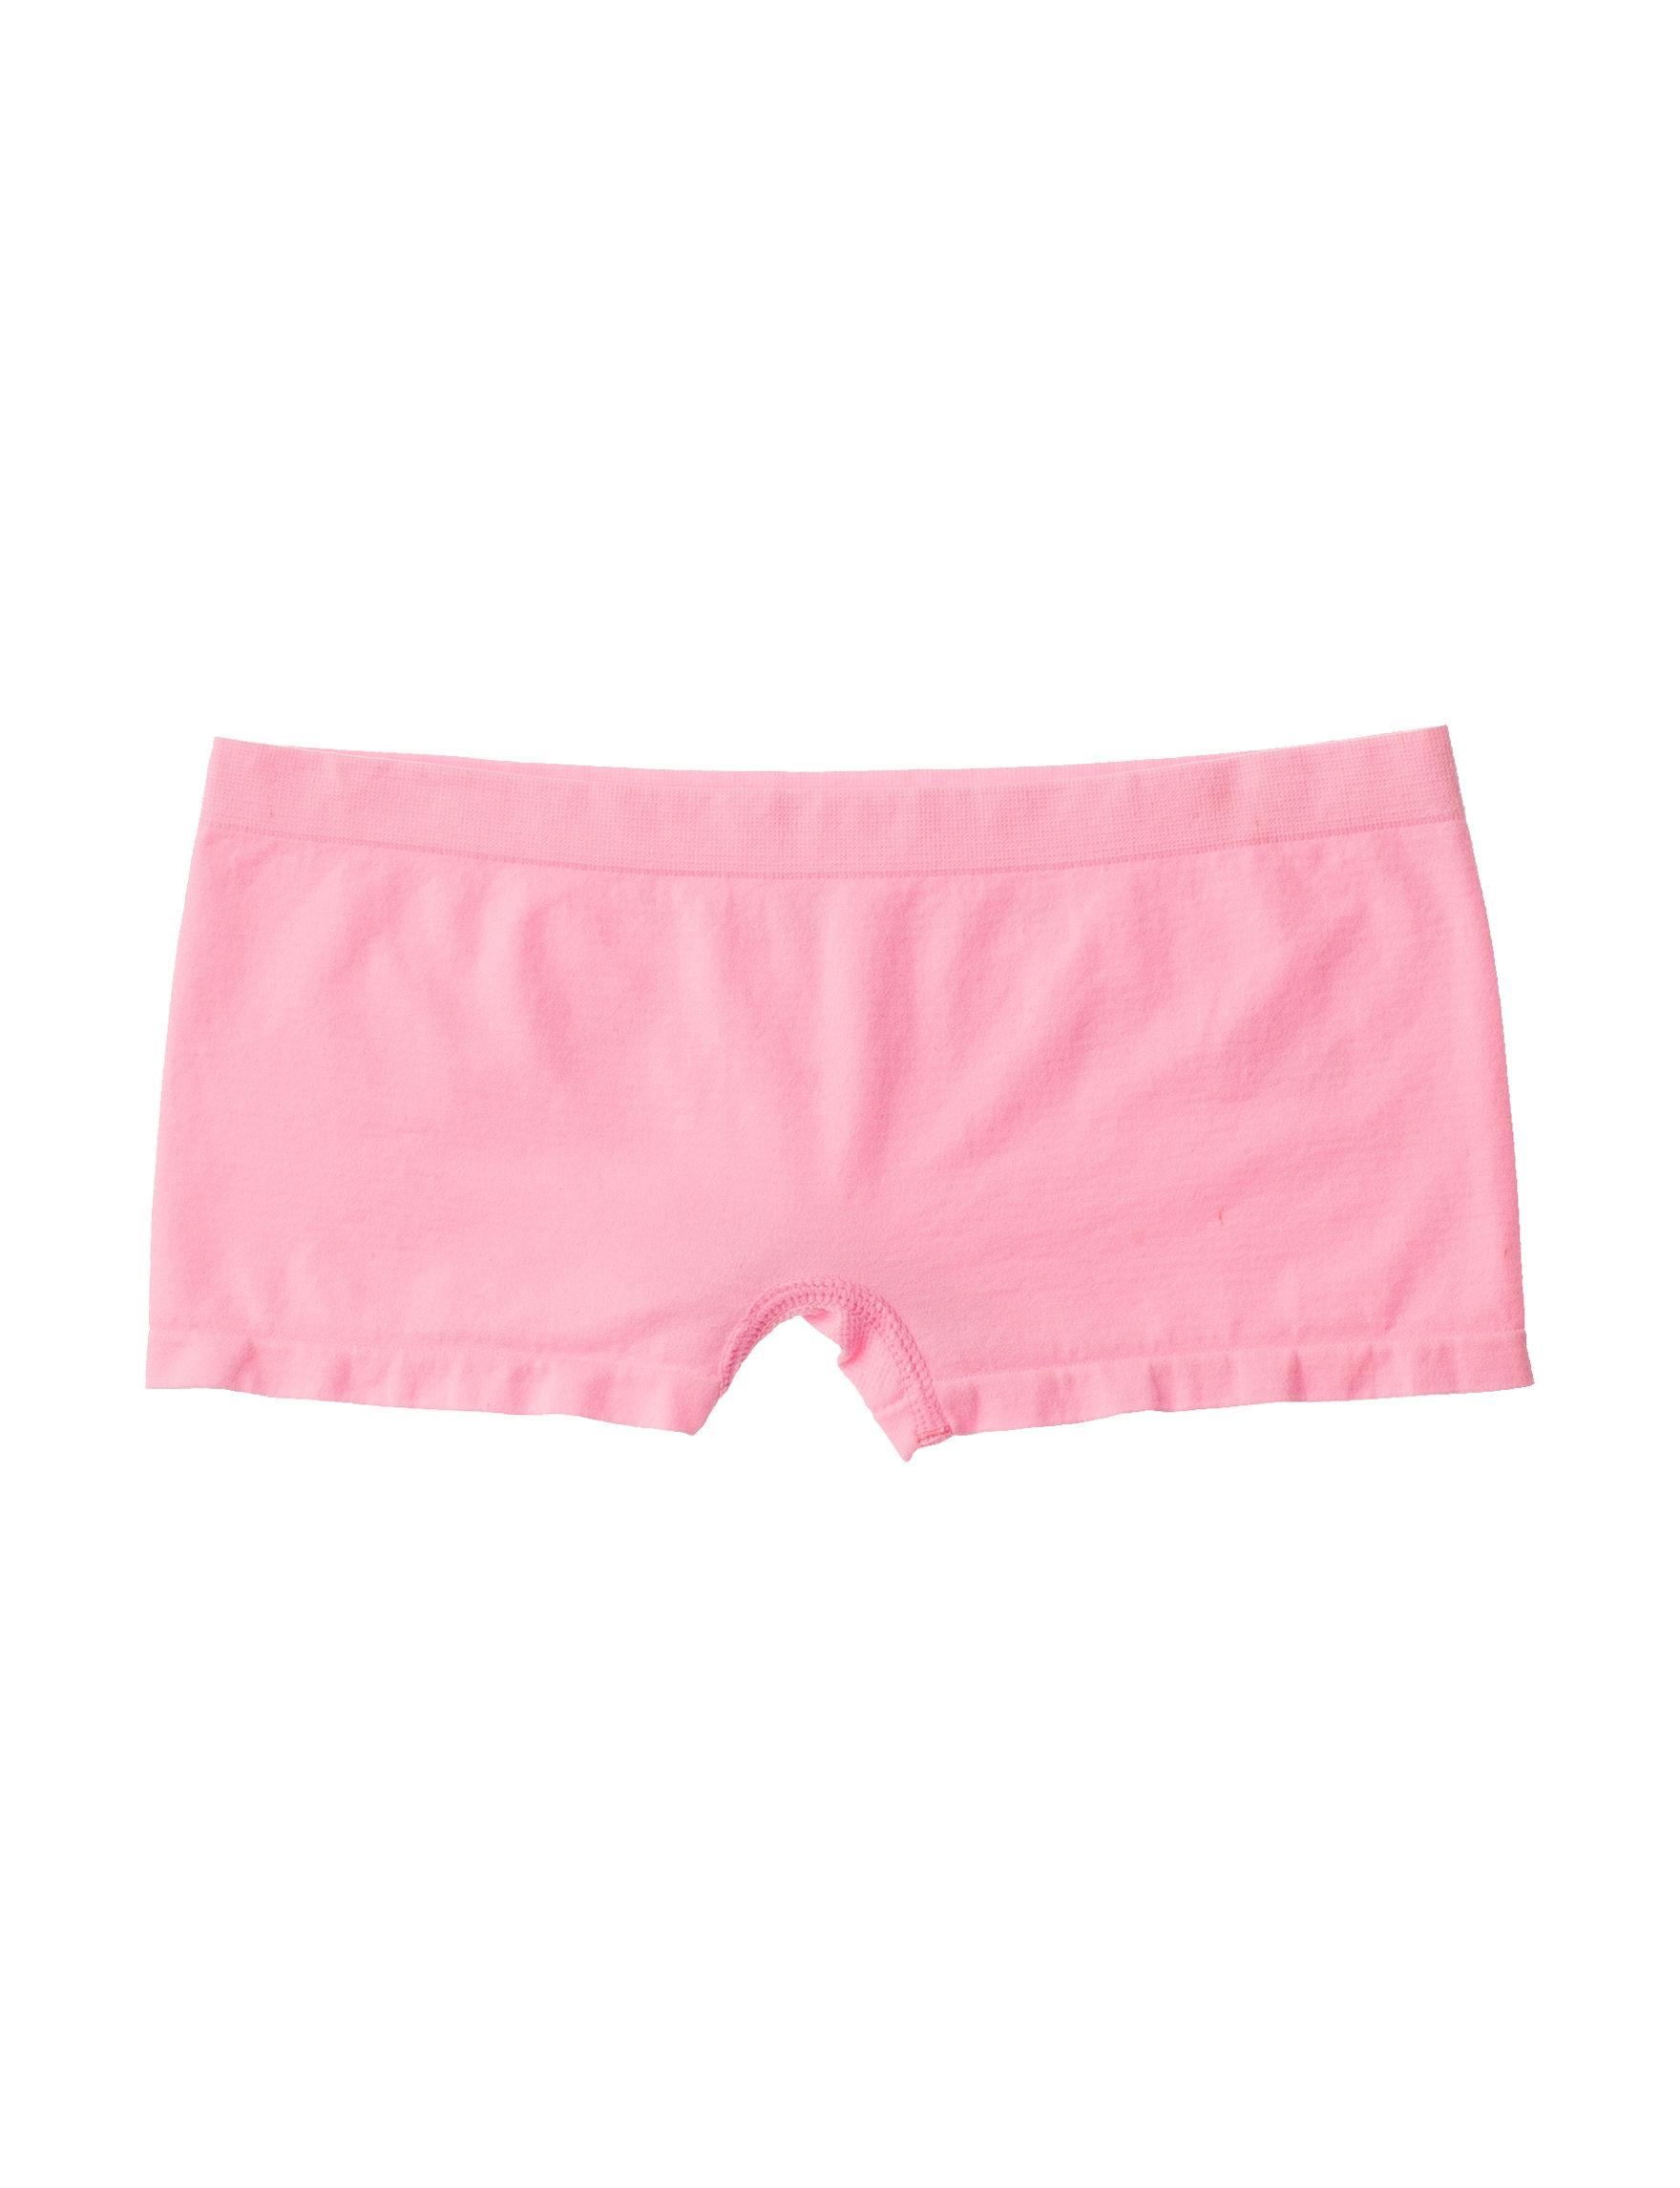 Rene Rofe Pink Panties Boyshort